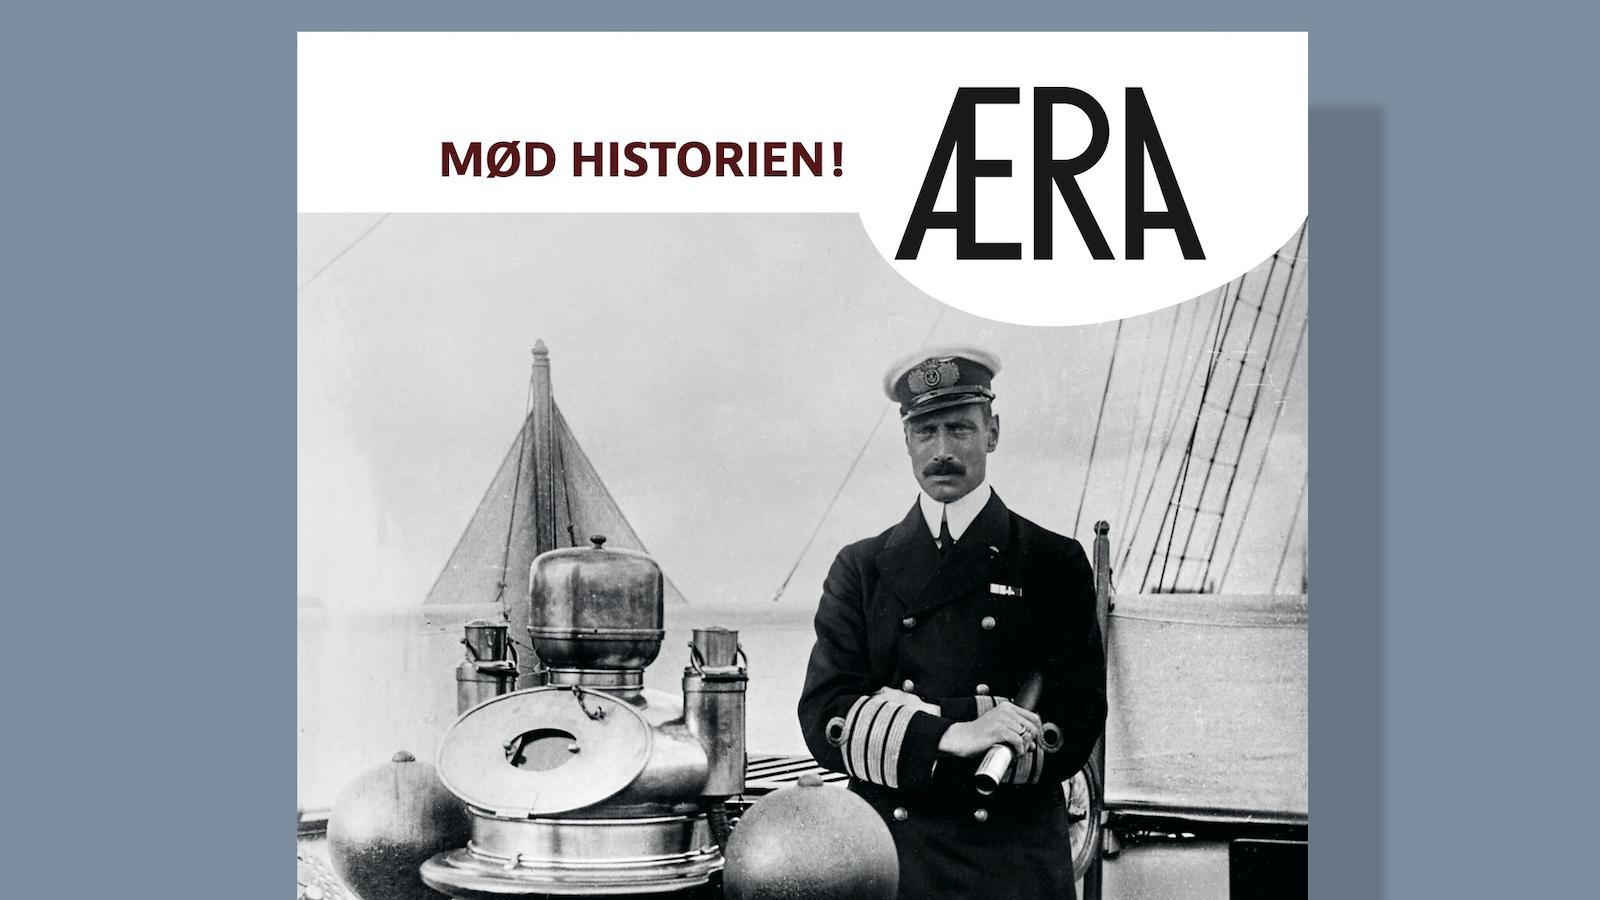 Nyt magasin: Æra – mød historien!